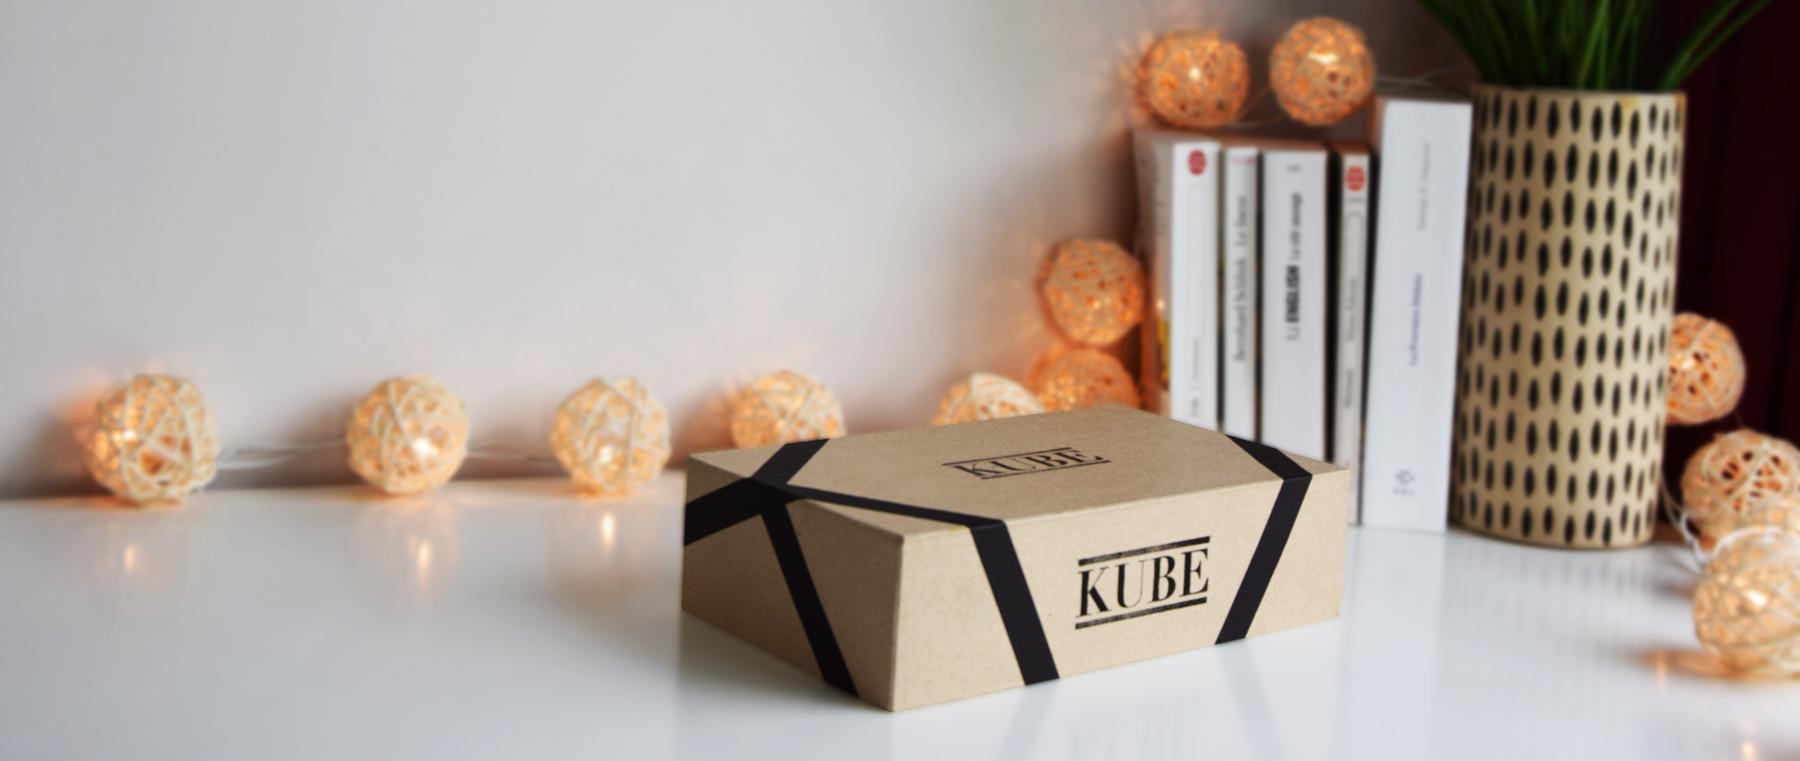 """Résultat de recherche d'images pour """"la kube"""""""